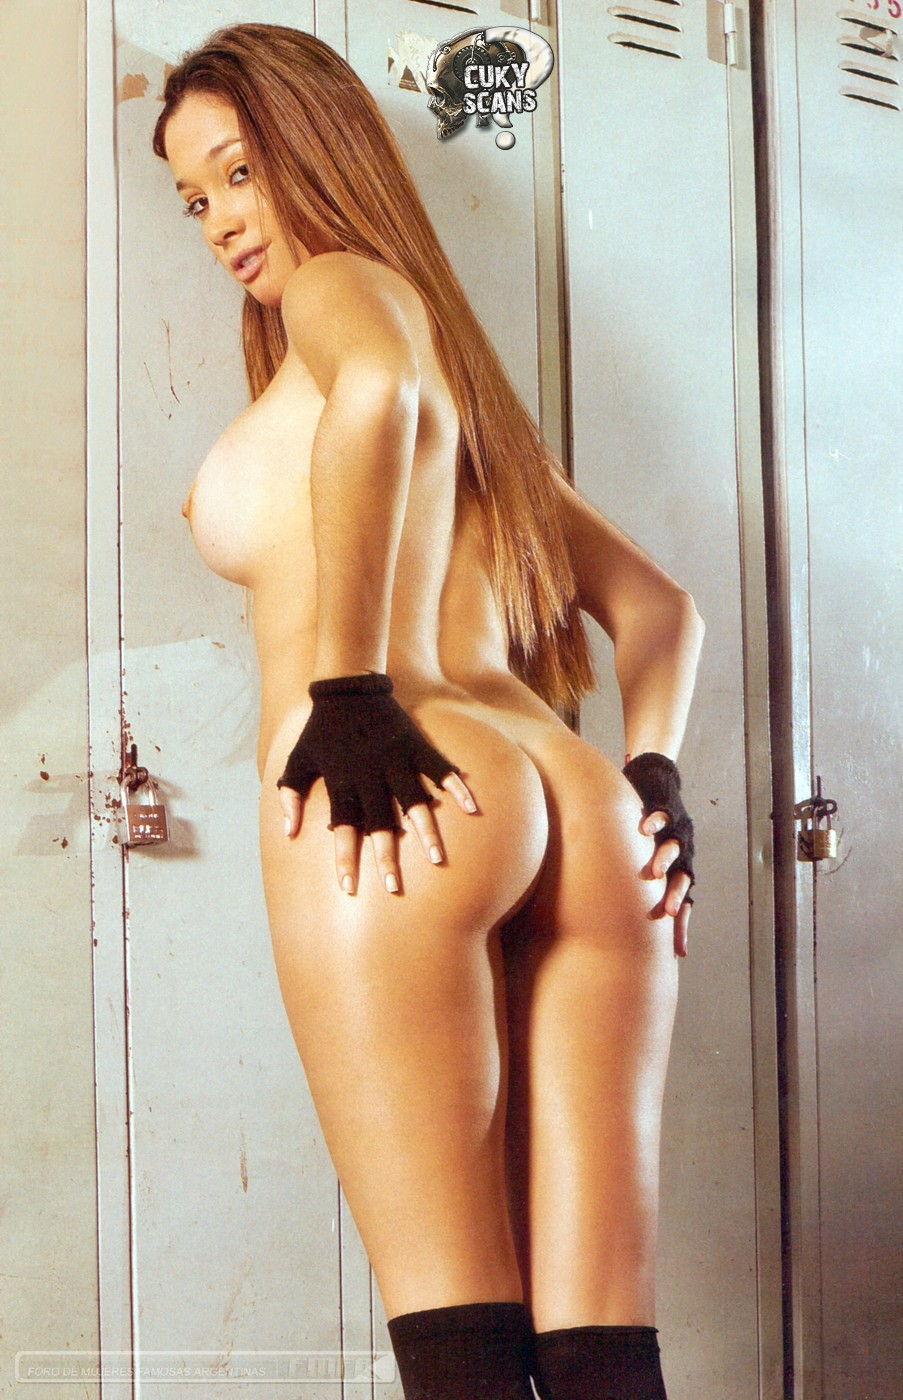 Fotos desnudas de adam lambert